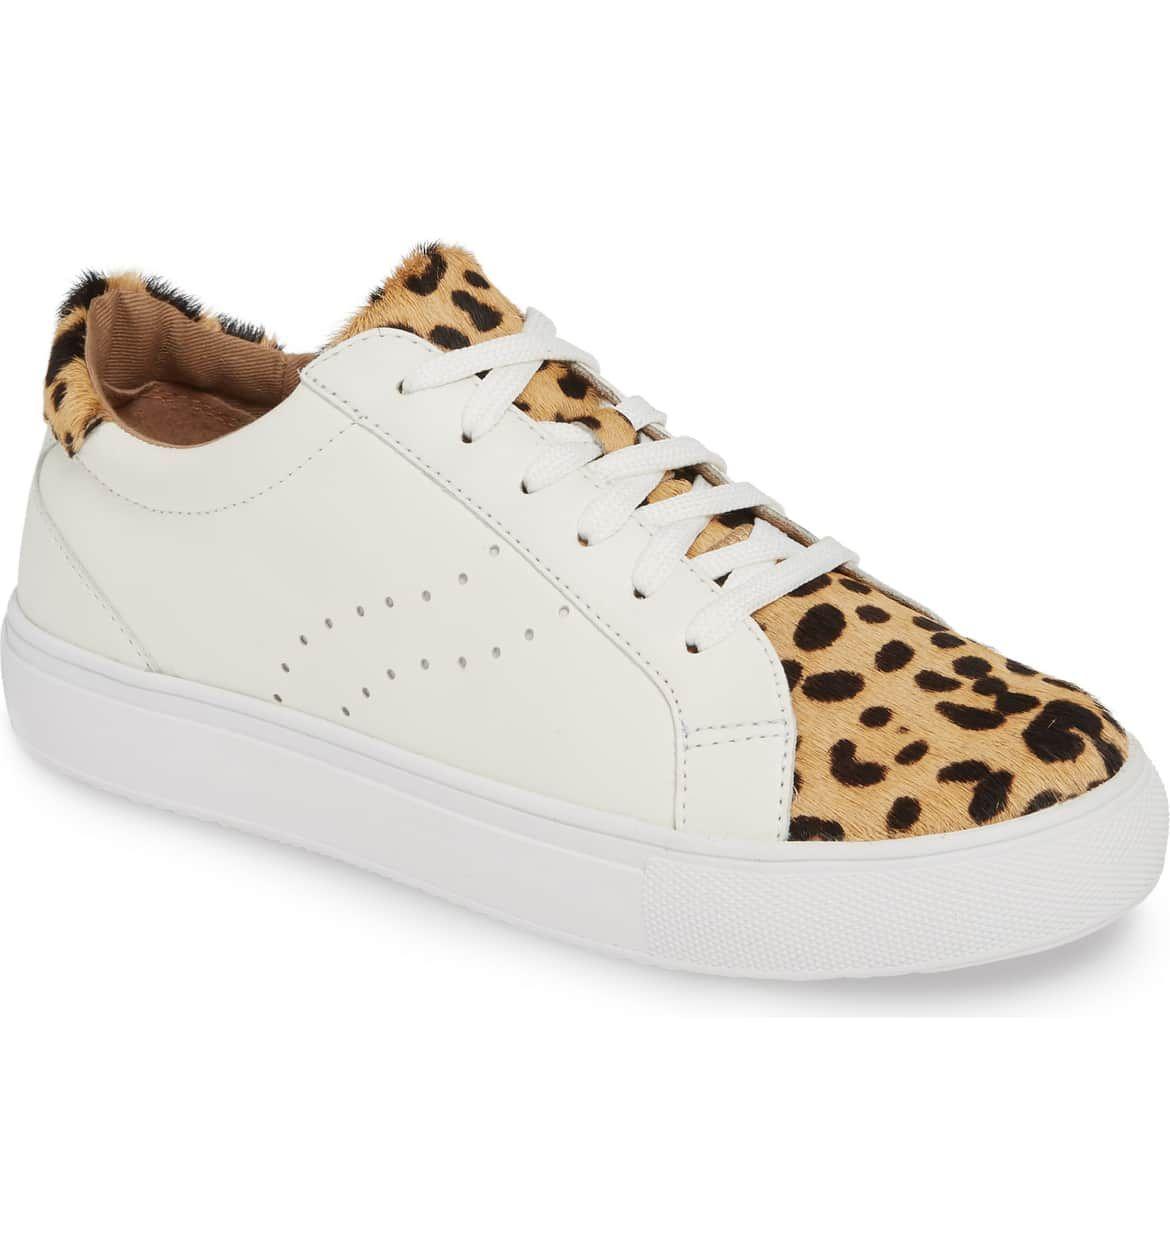 Cassie Low Top Sneaker